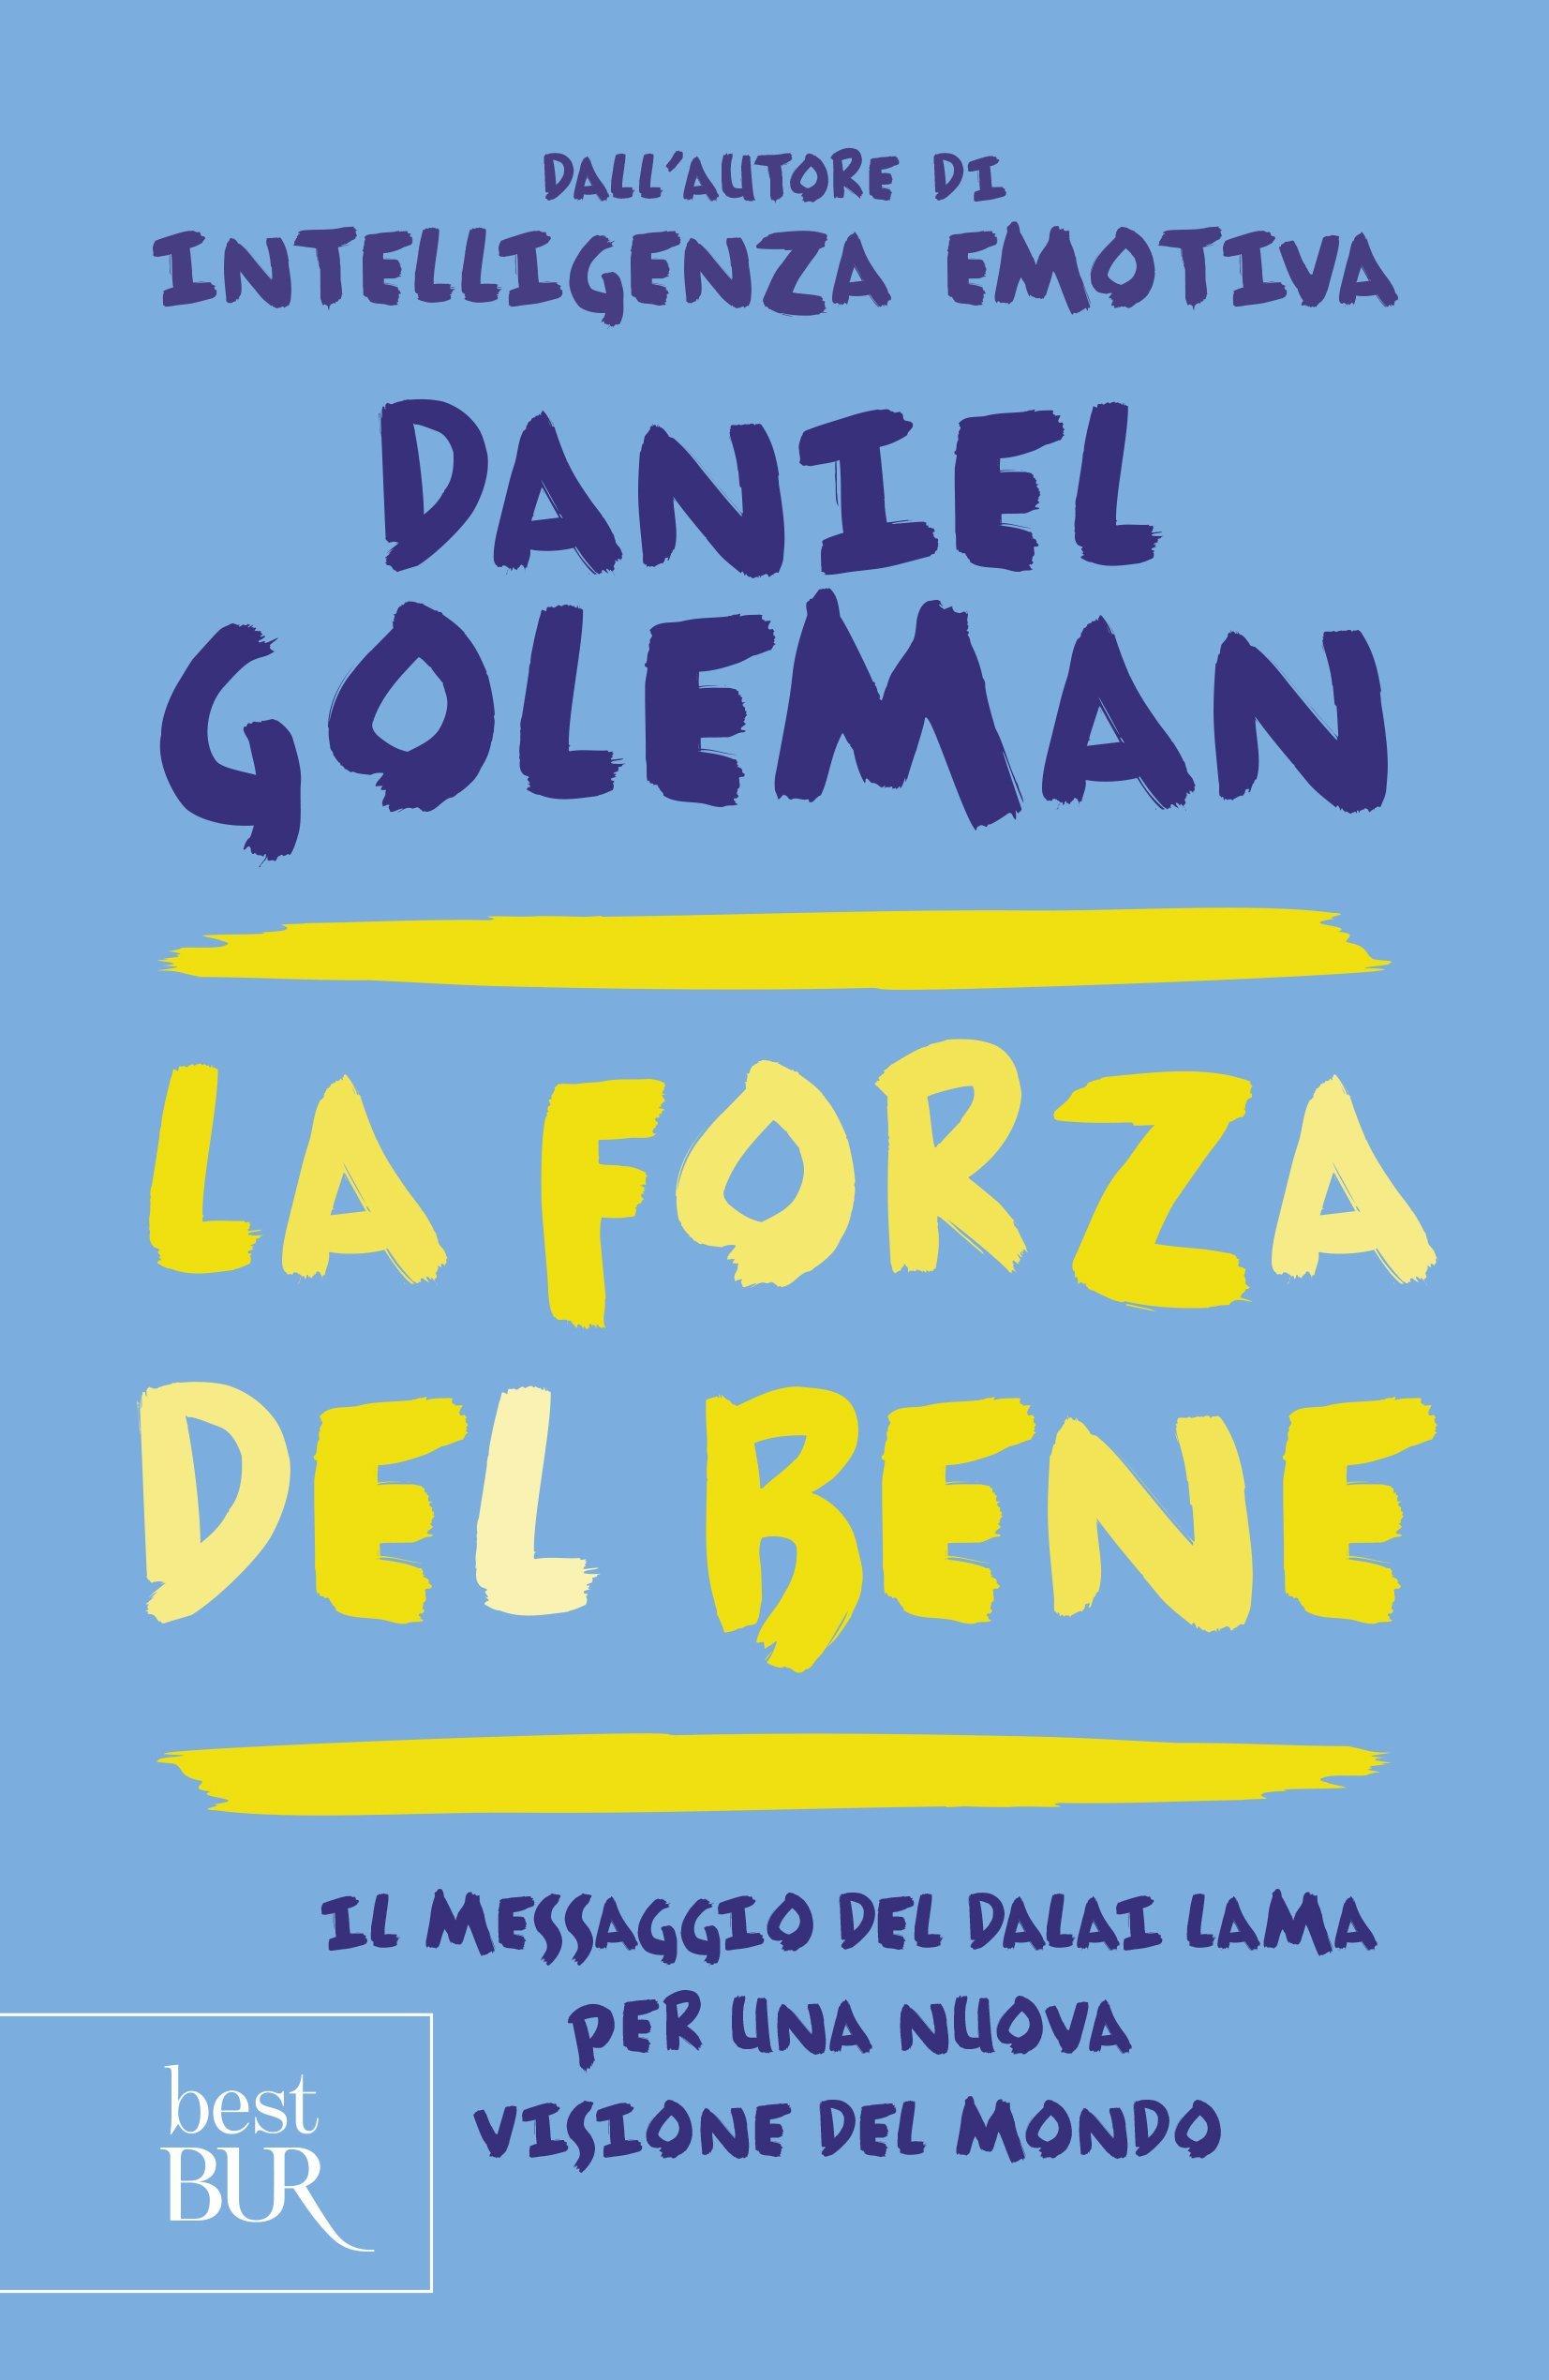 La forza del bene. Il messaggio del Dalai Lama per una nuova visione del mondo Copertina flessibile – 9 giu 2016 Daniel Goleman D. Didero S. Reggiani L. Taiuti